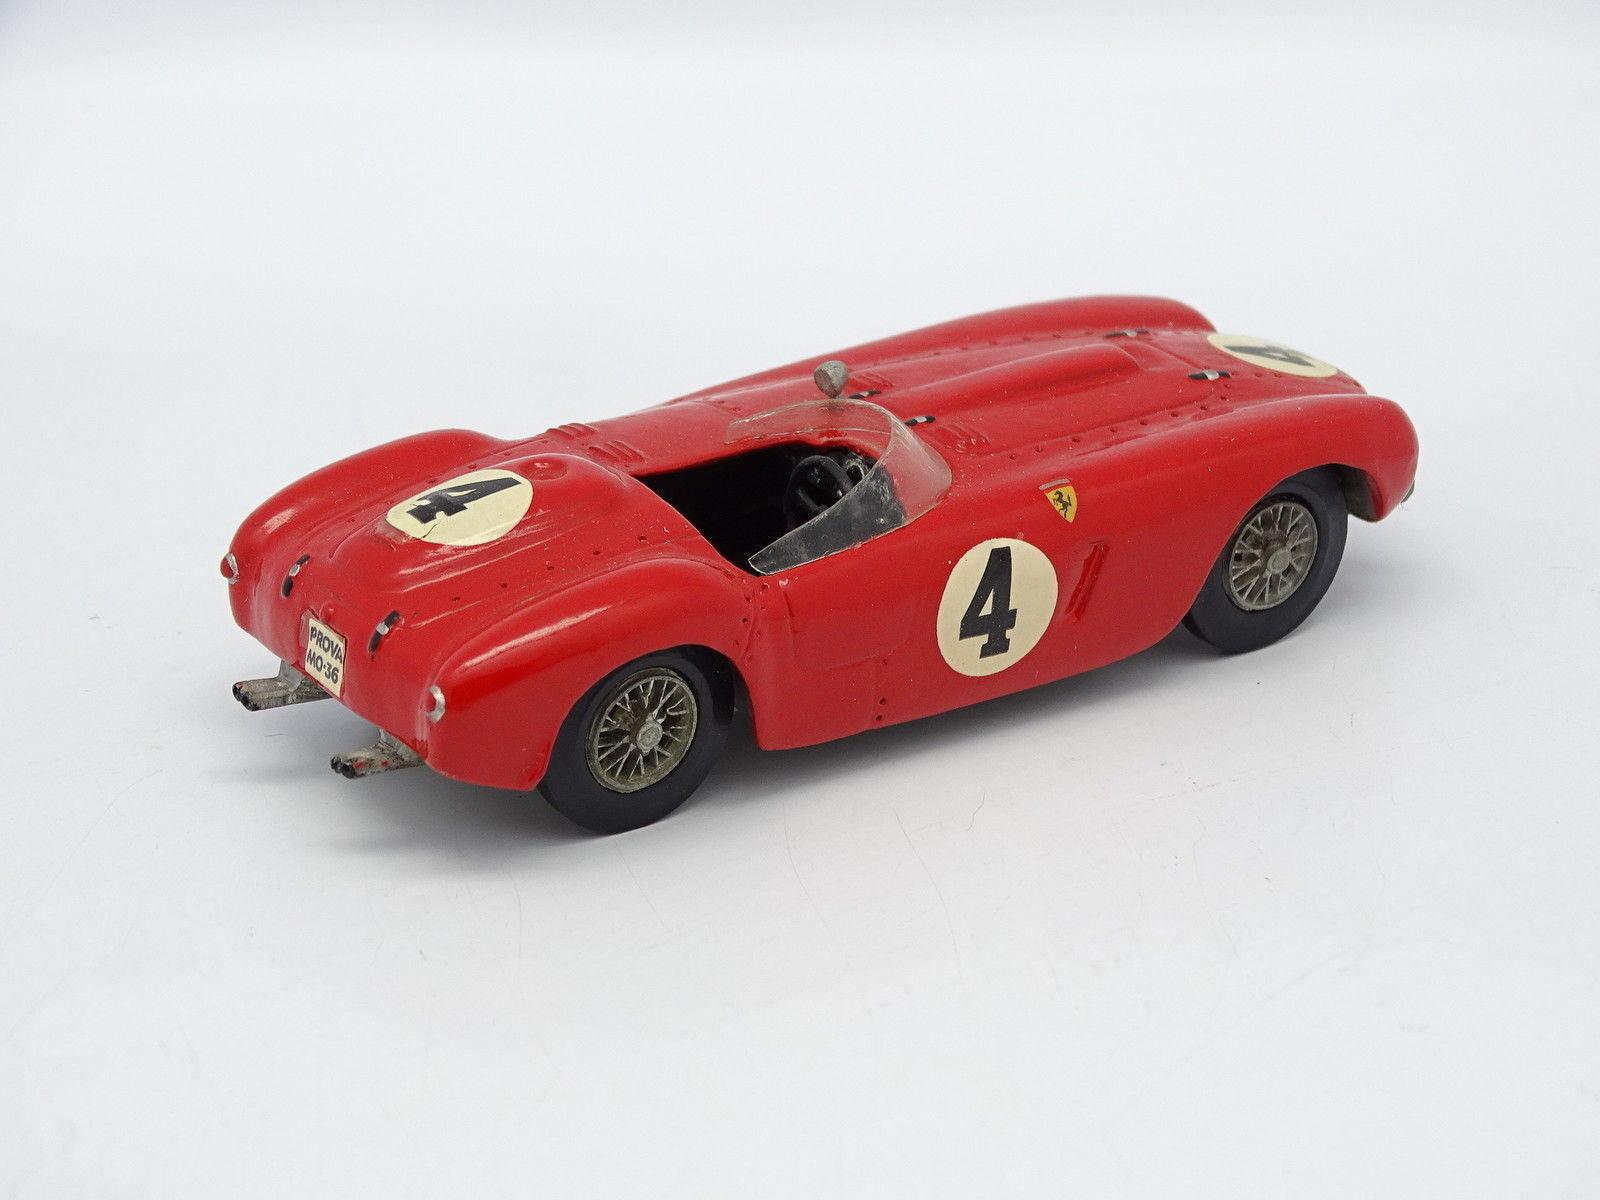 John Day Kit Monté Métal Métal Métal 1 43 - Ferrari 375 Plus Le Mans 1954 3b3088